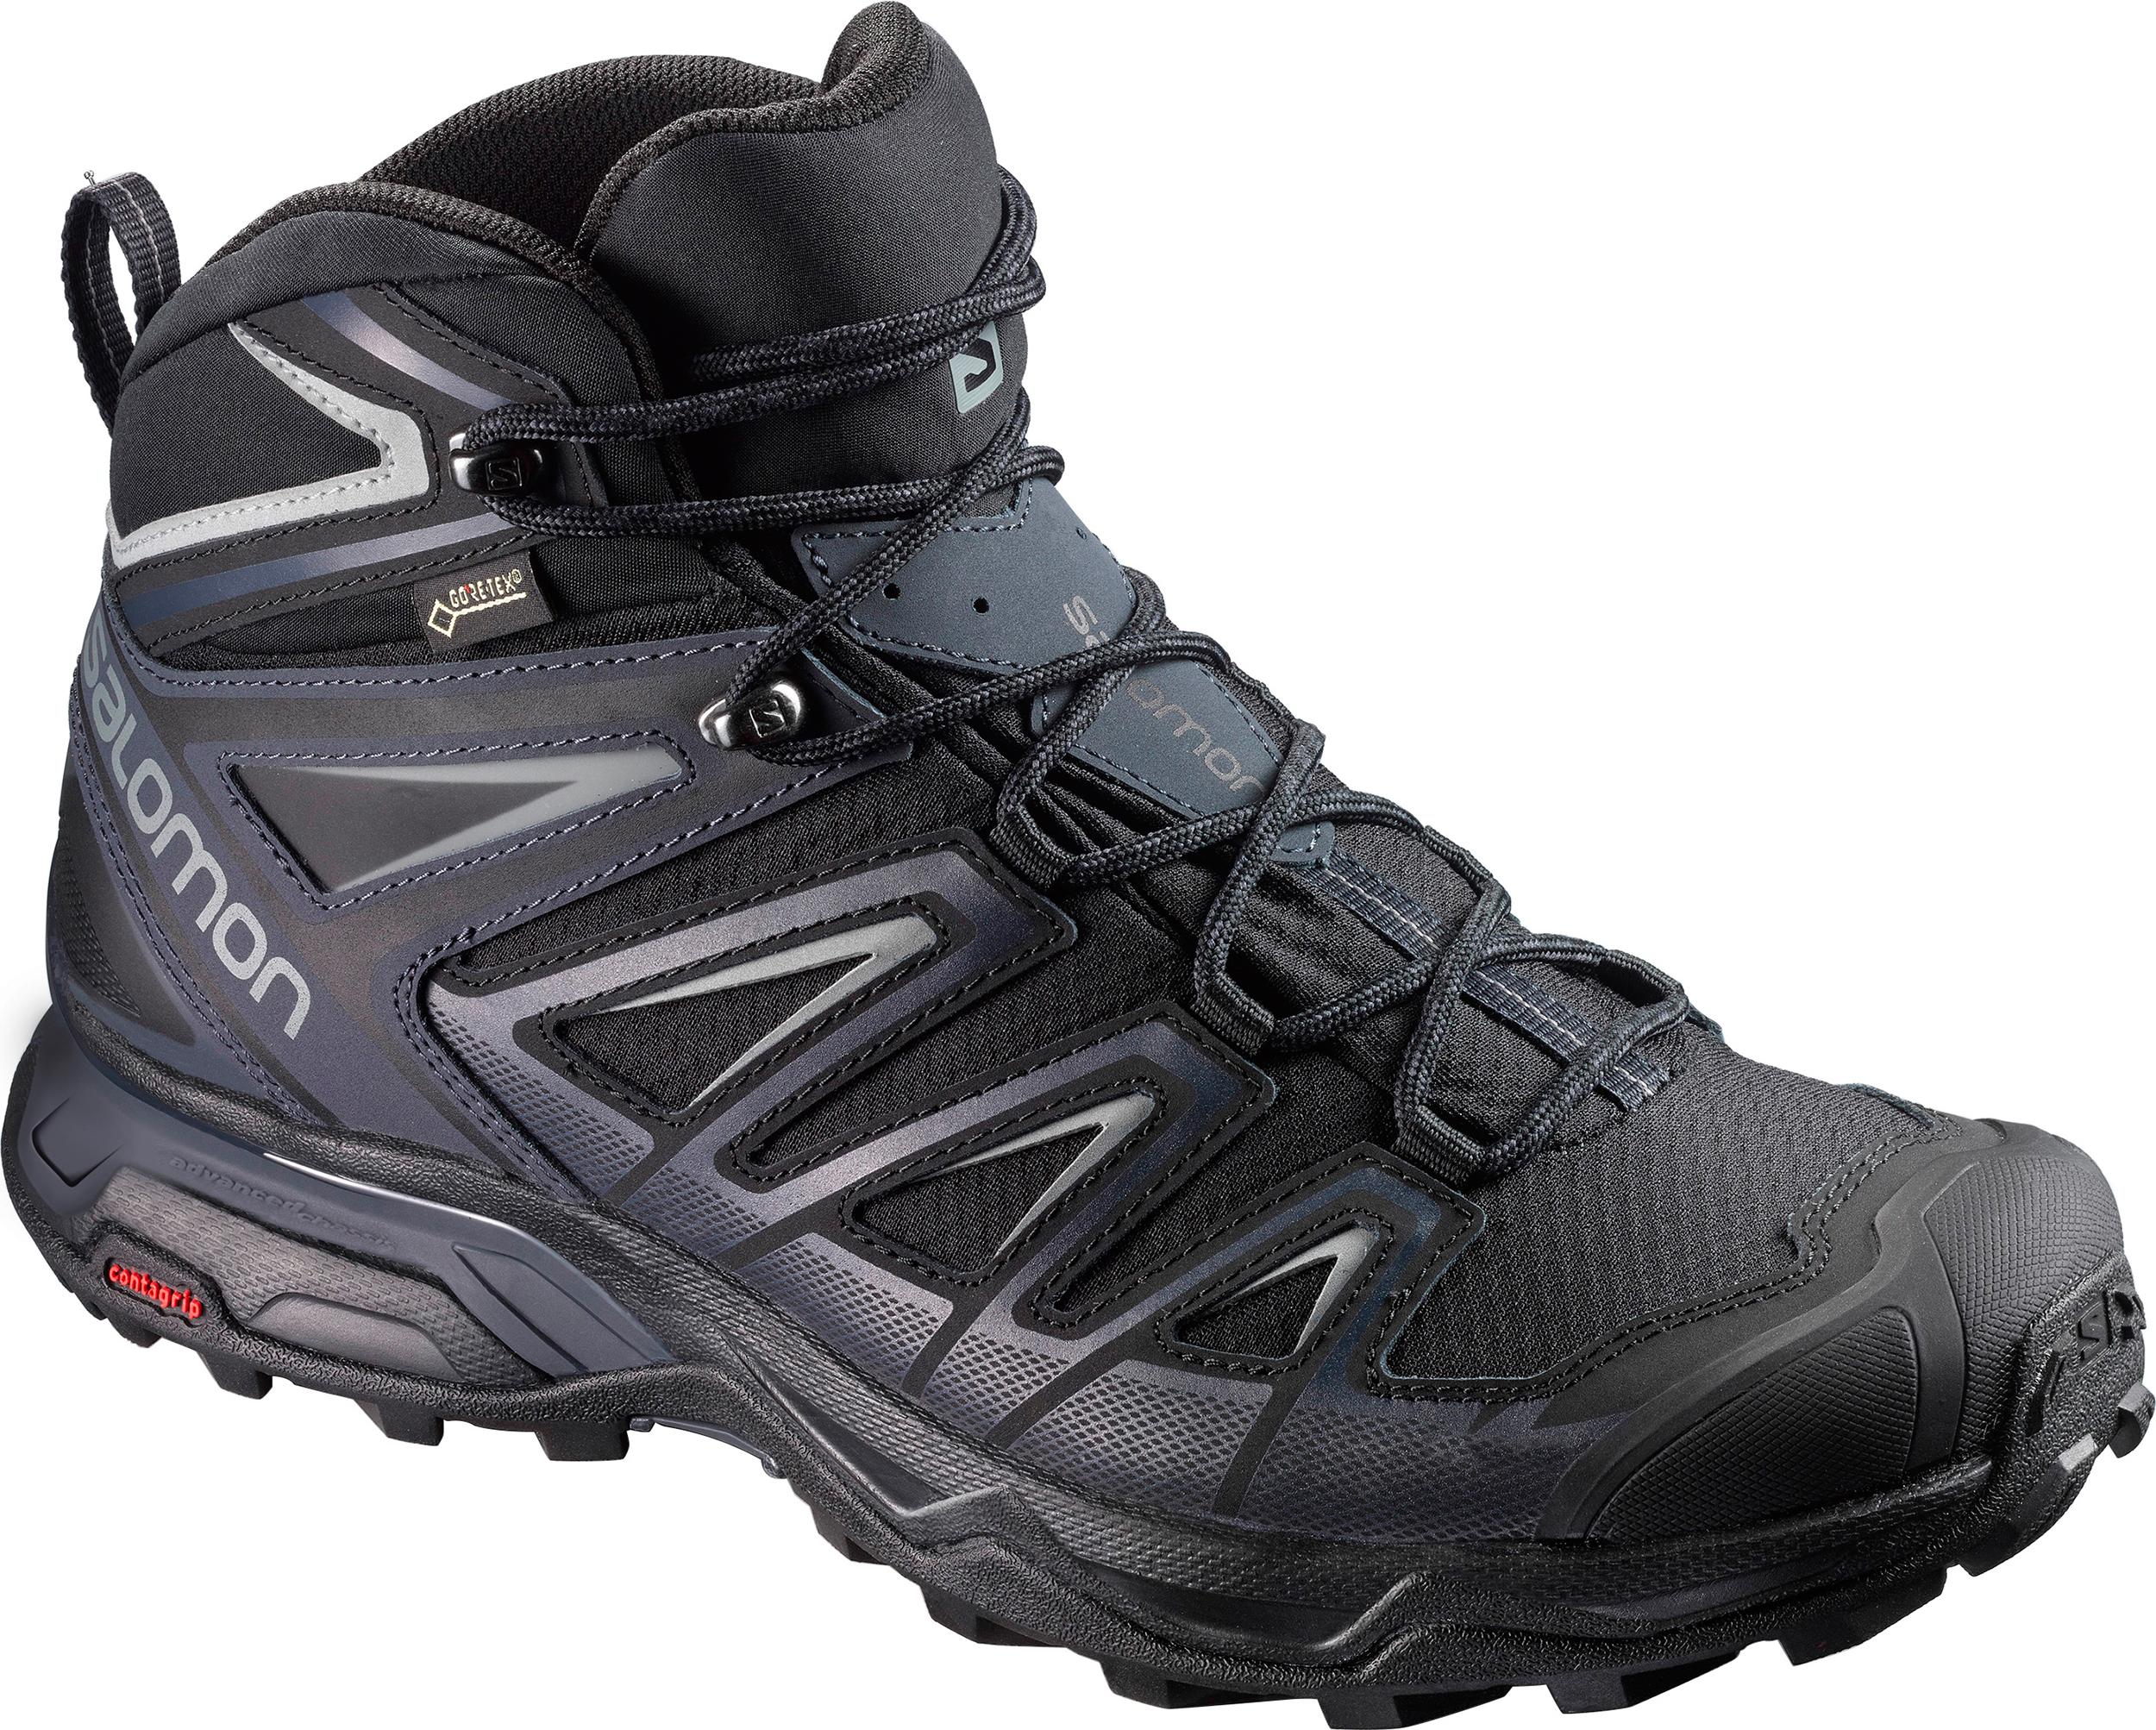 e5664146af Salomon X Ultra Mid 3 GTX Light Trail Shoes - Men's